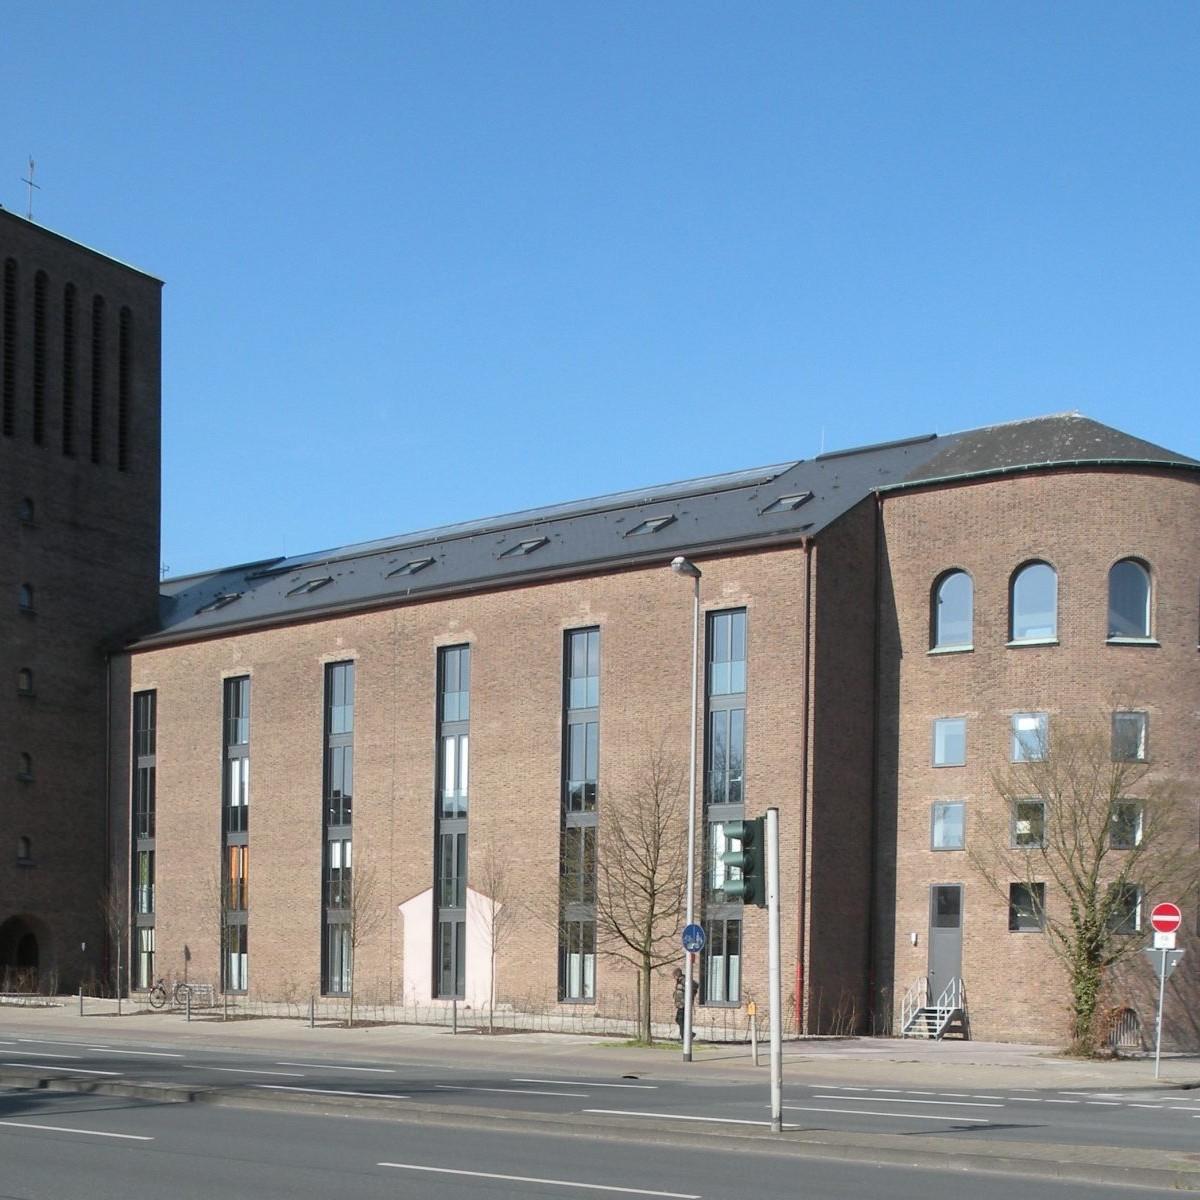 Münster: Dreifaltigkeitskirche (1938/39 Benteler & Wörmann, Umbau 2010-13 Pfeiffer Ellermann Preckel) - Foto: Stefan Rethfeld